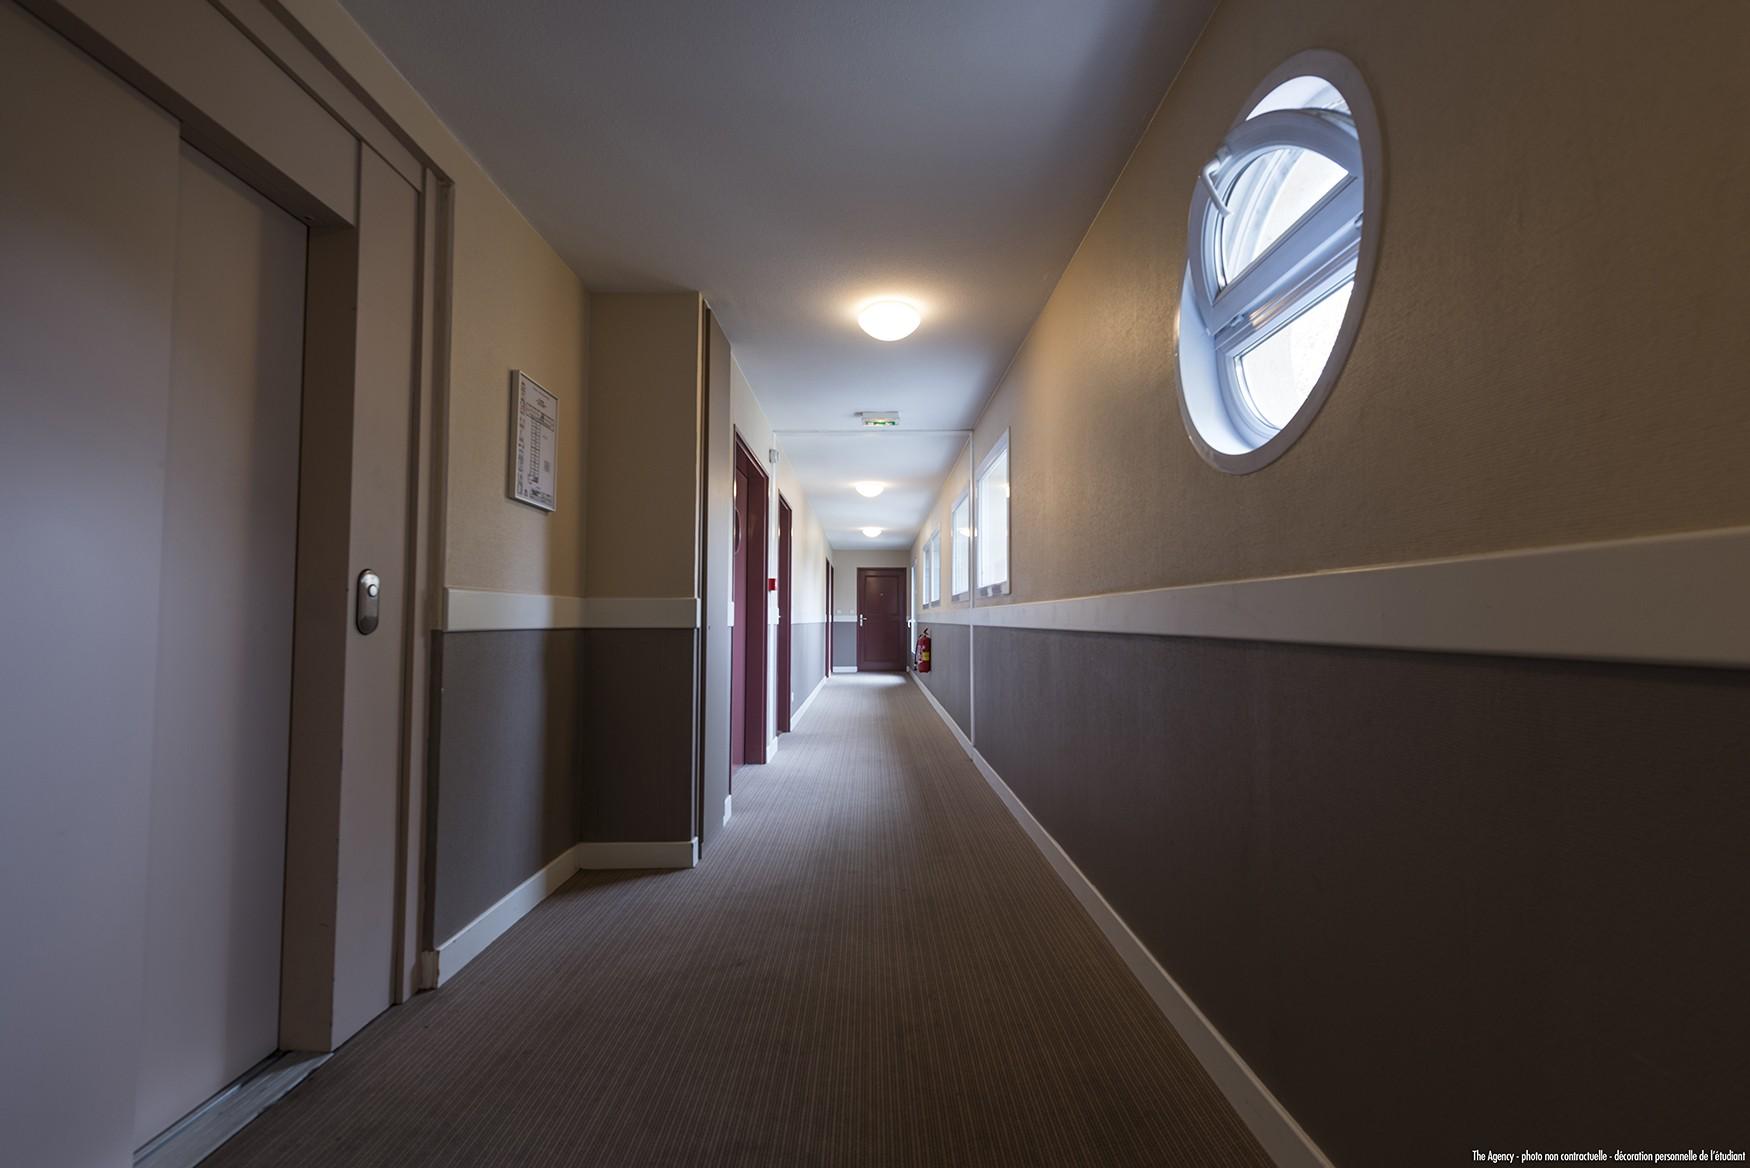 image  2019 06 21 residence etudiante suitetudes nevers couloir 2